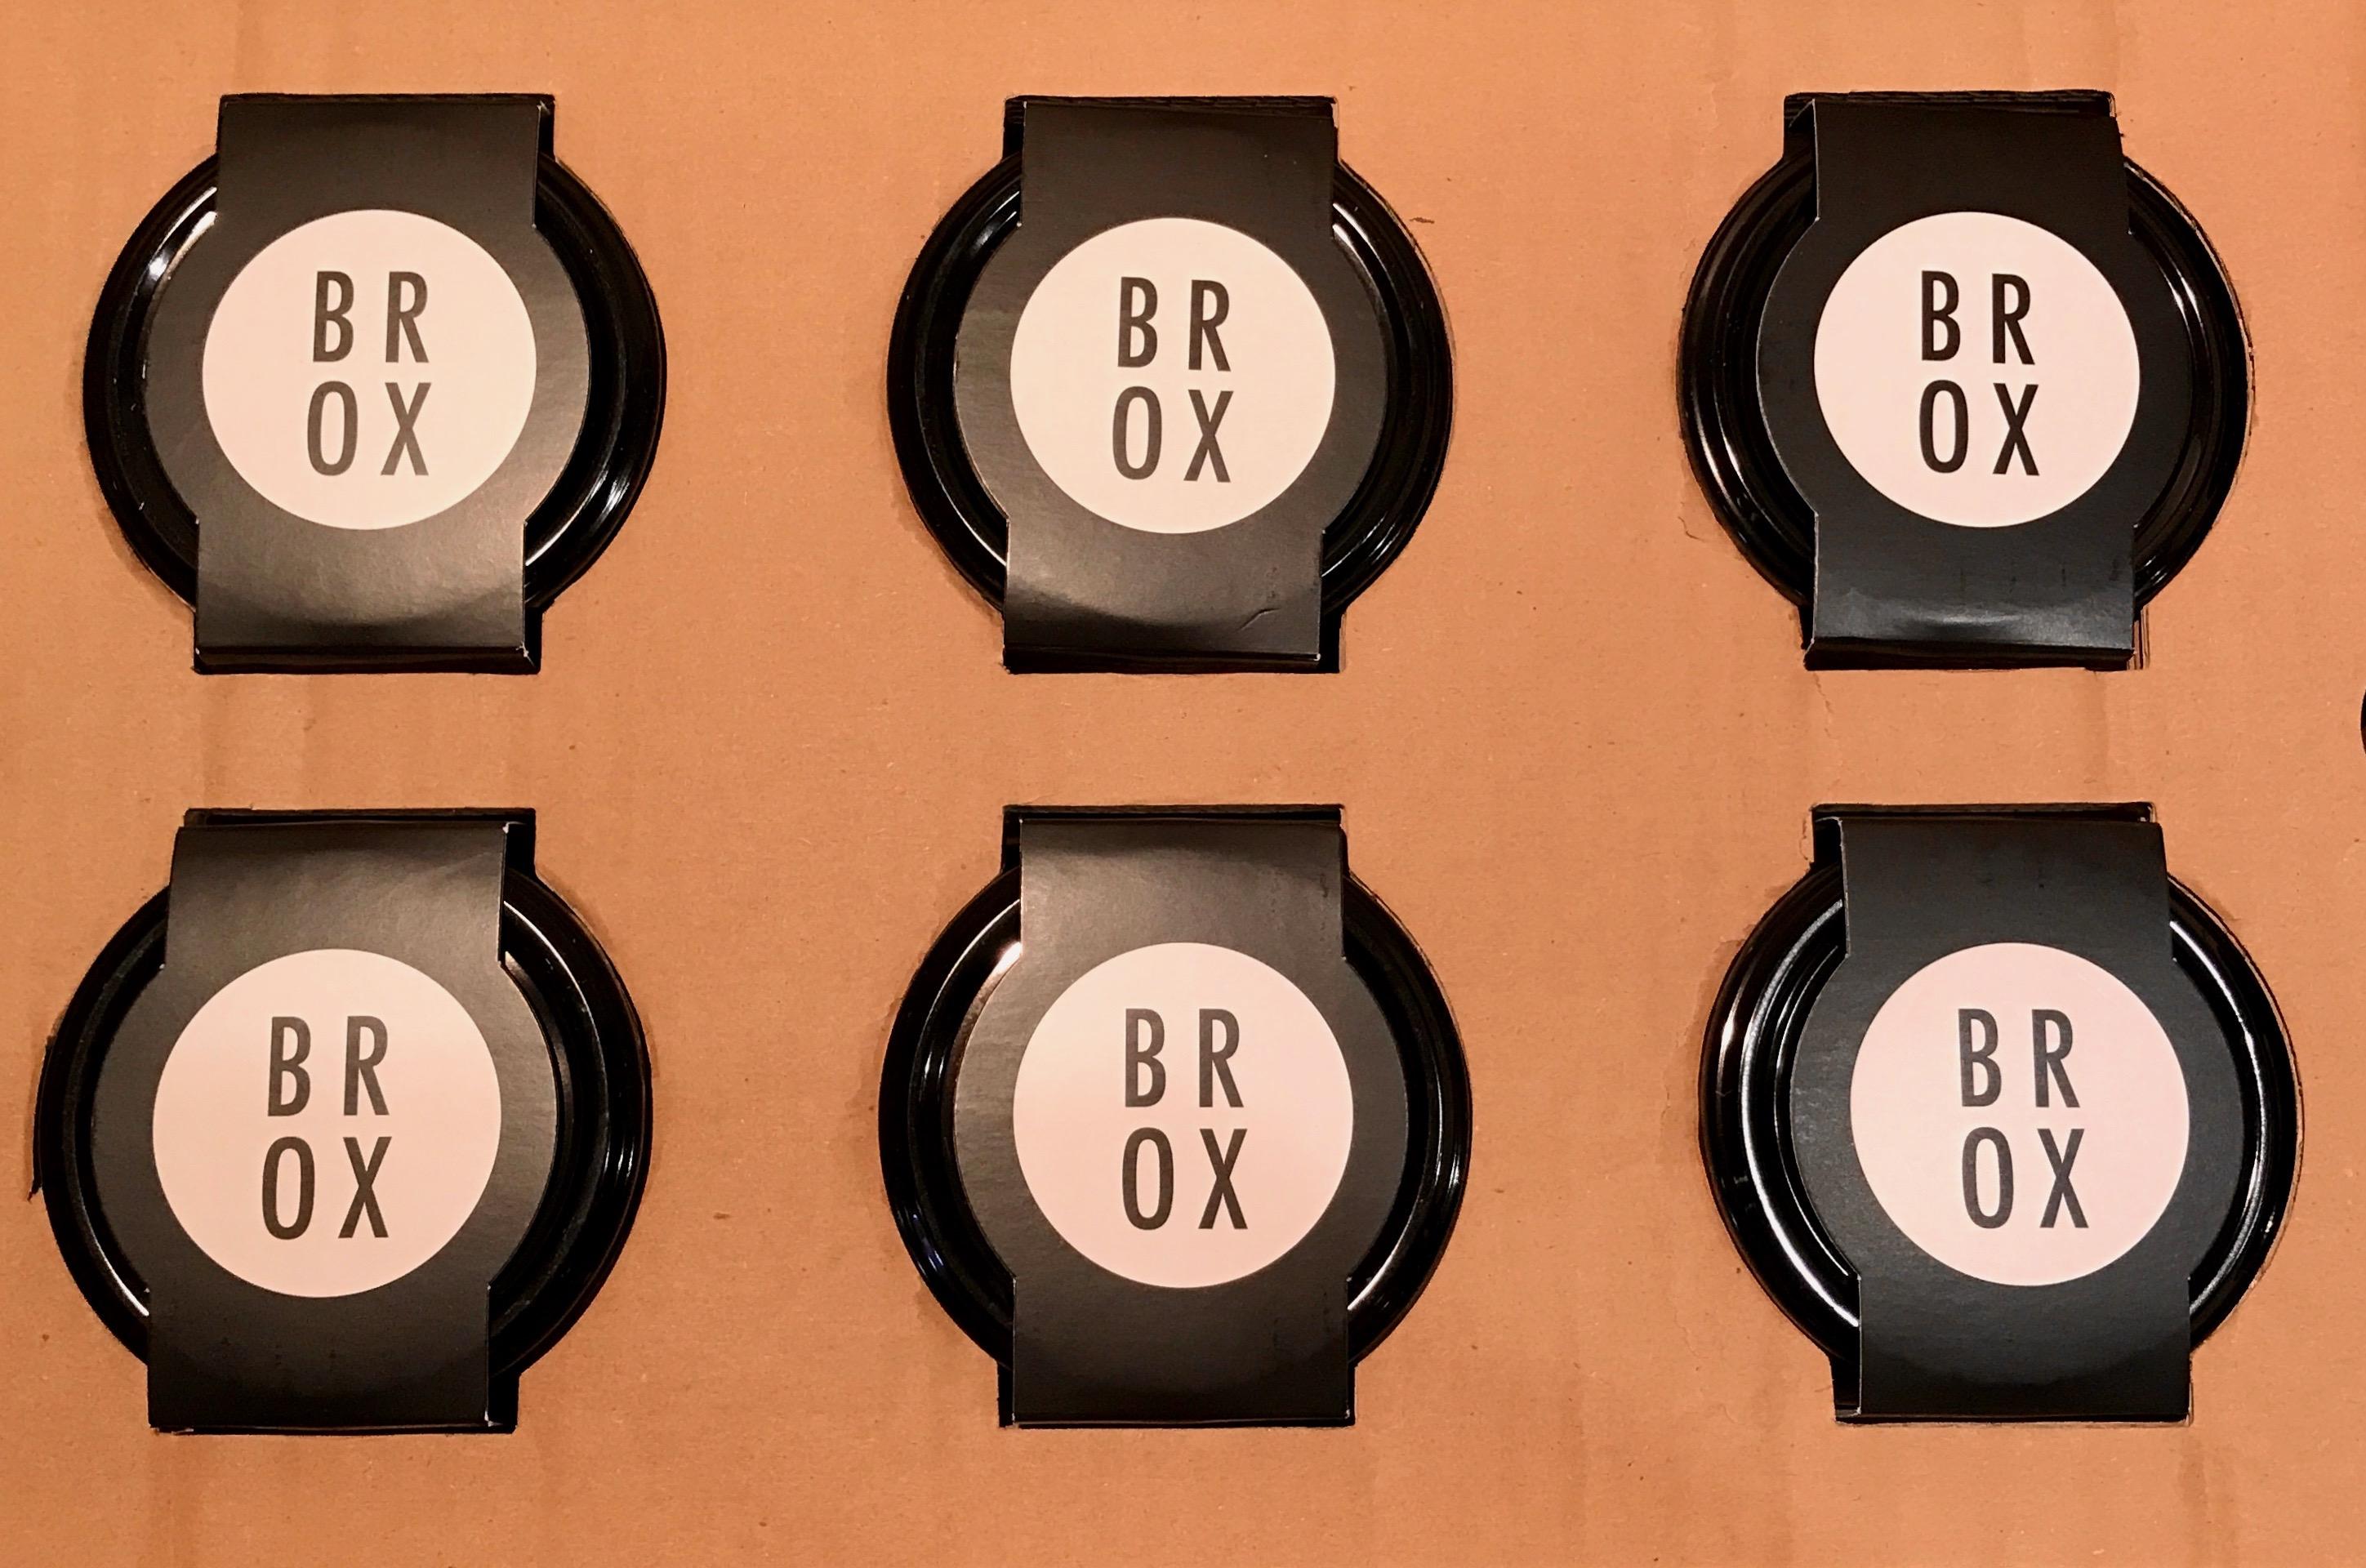 Brox-Knochenbrühe verpackt